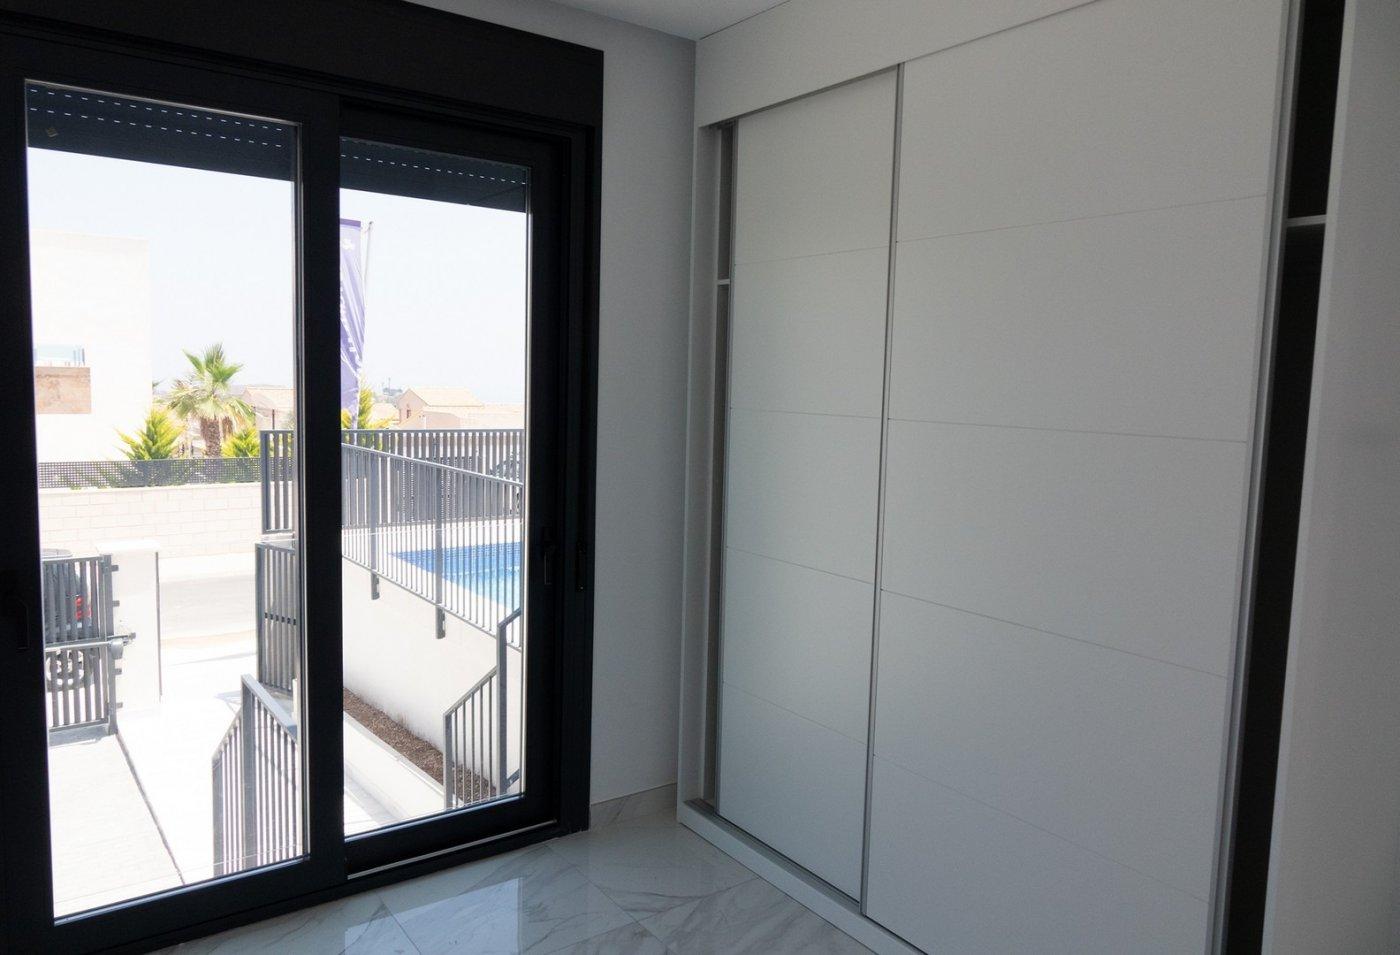 Villas de obra nueva en un nivel en polop!!! - imagenInmueble10